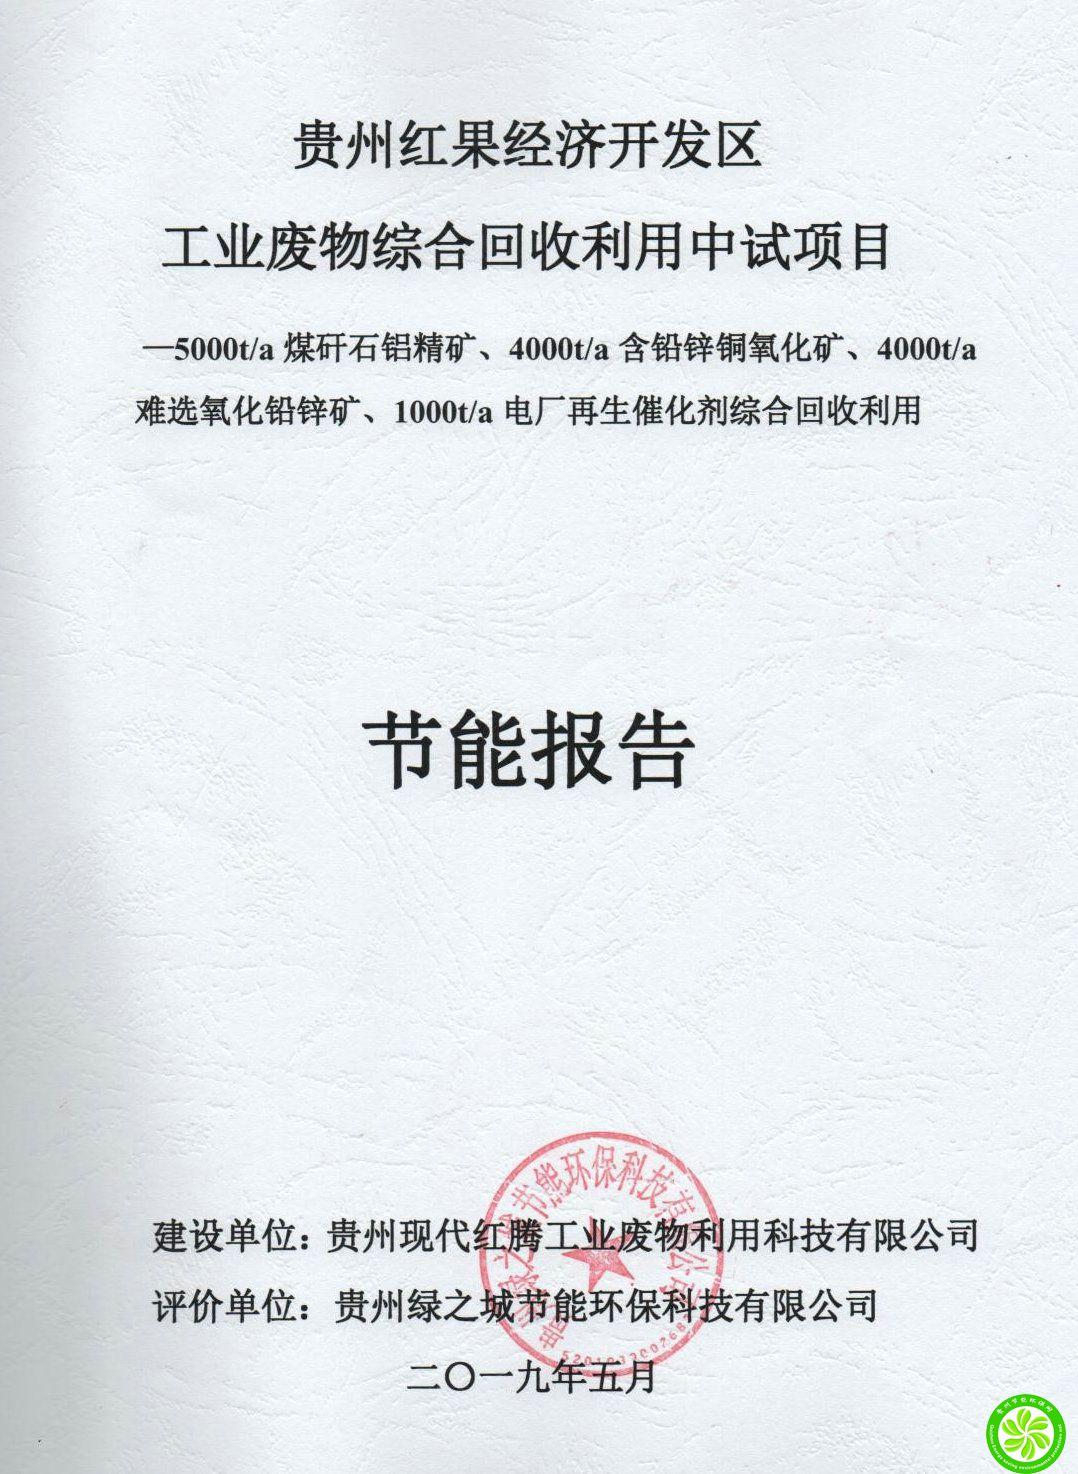 贵州红果经济开发区工业废物综合回收利用中试项目【贵州现代红藤工业废物利用科技有限公司】